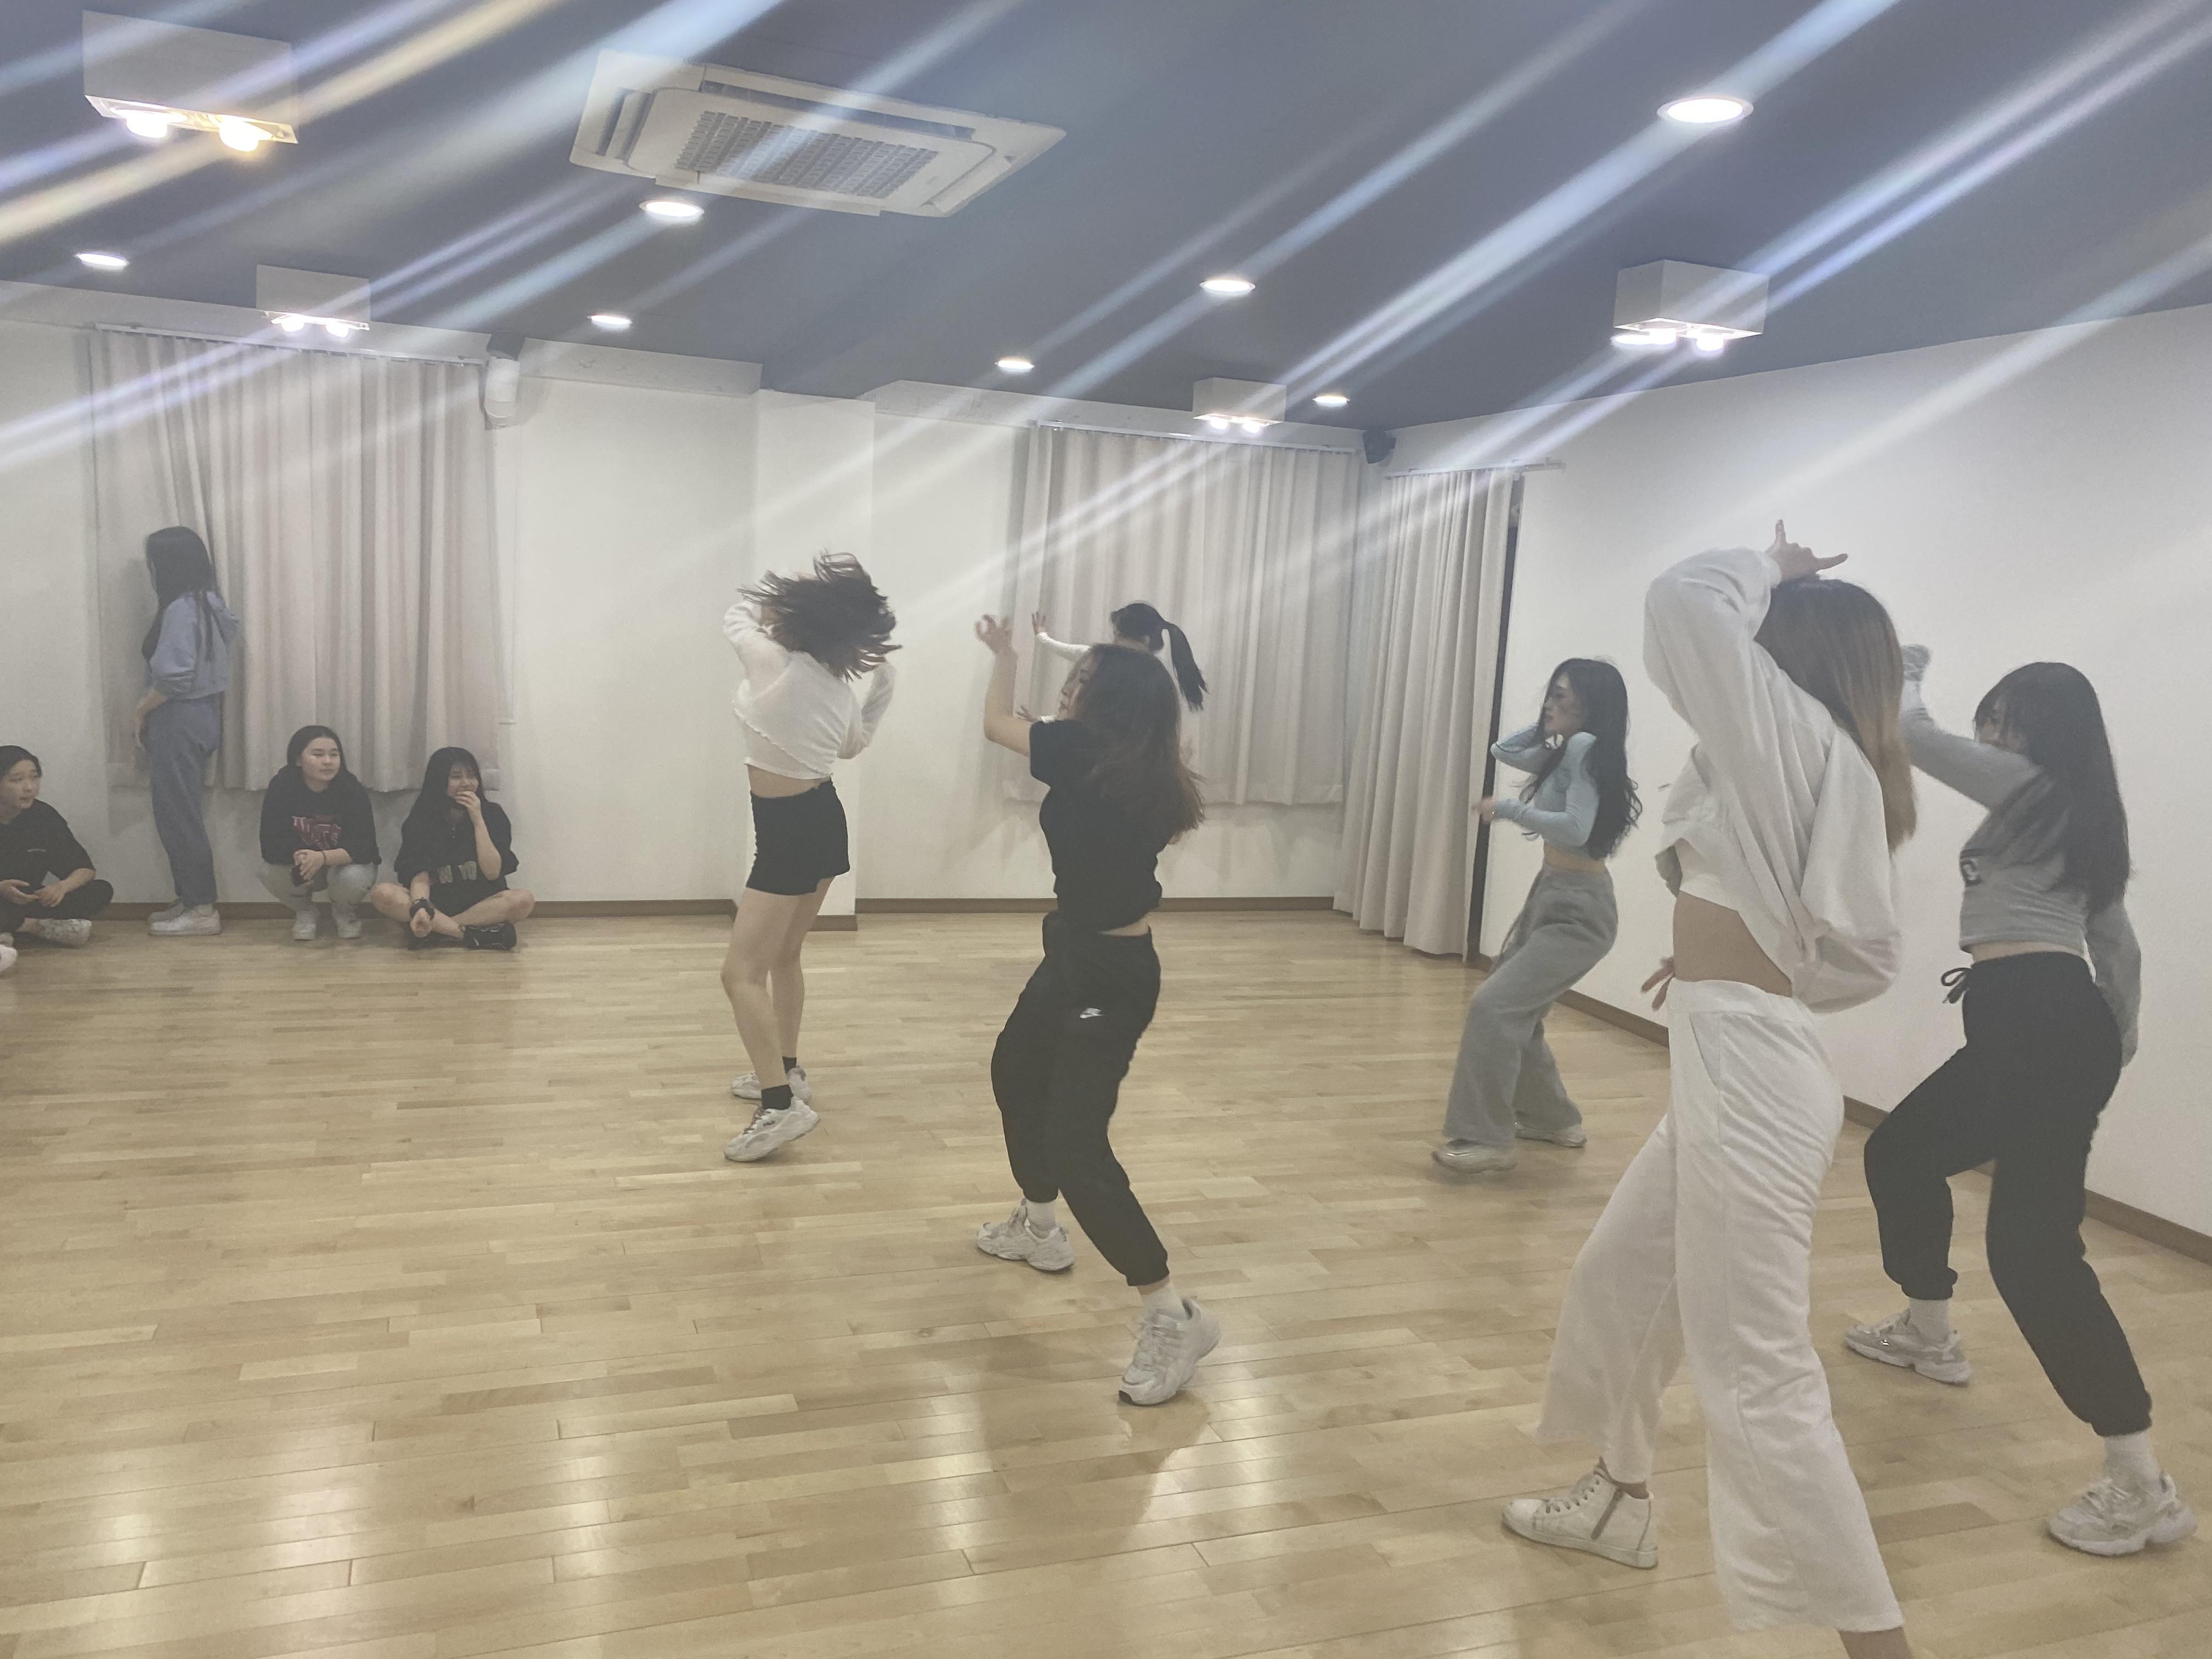 범키 - 미친연애 (feat. E-sens)